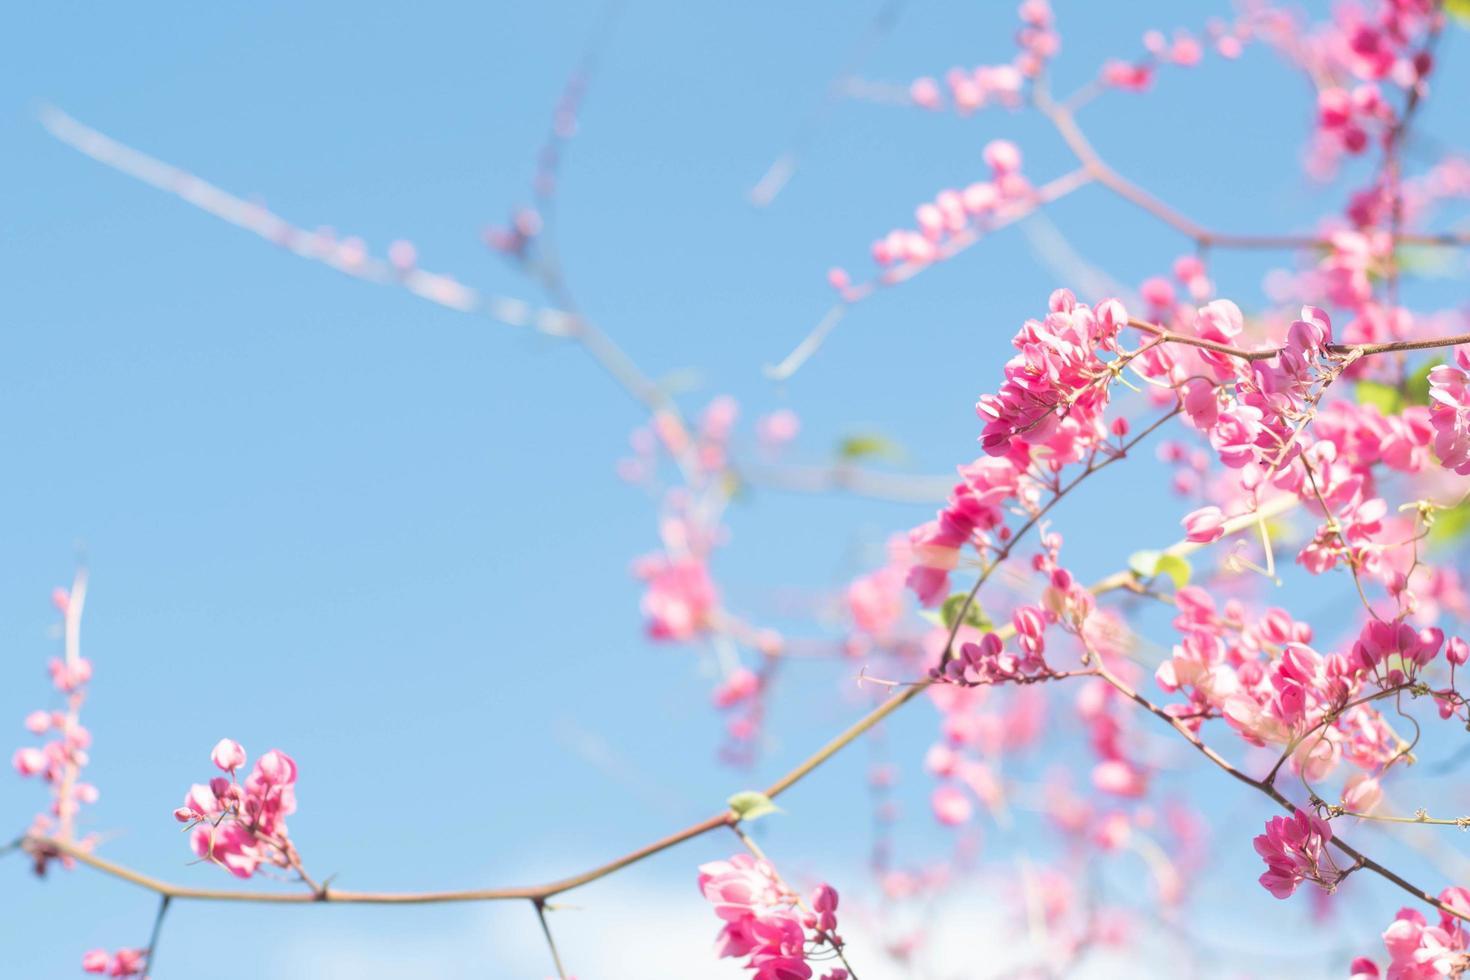 bellissimo albero di fiori di ciliegio luminoso foto